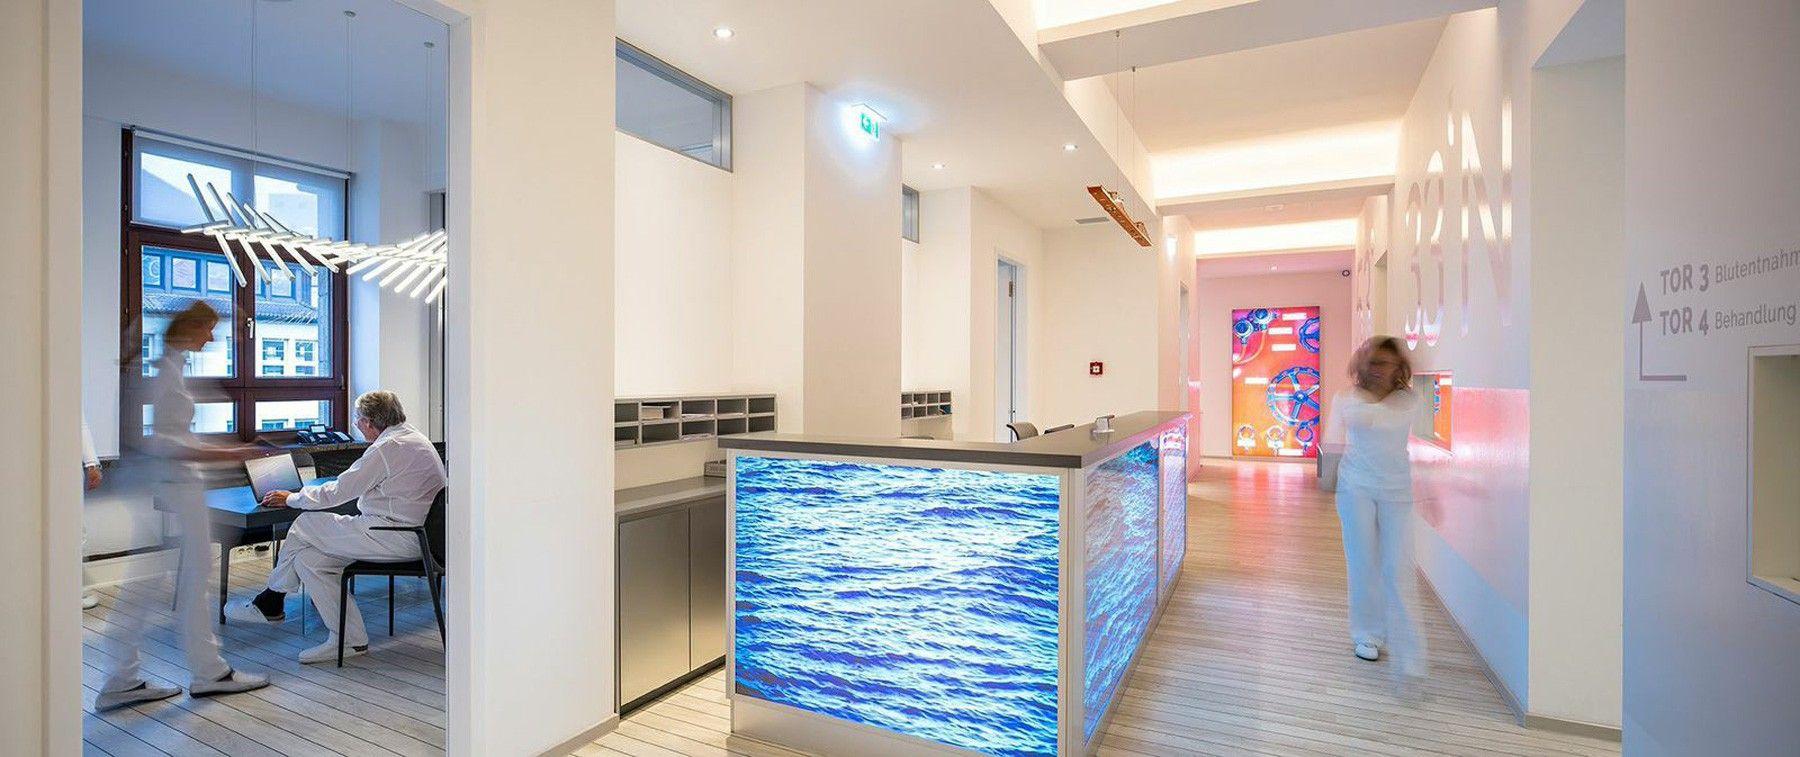 Interior ▷ Interior Design Agentur Hamburg - Design Agentur HvH ...